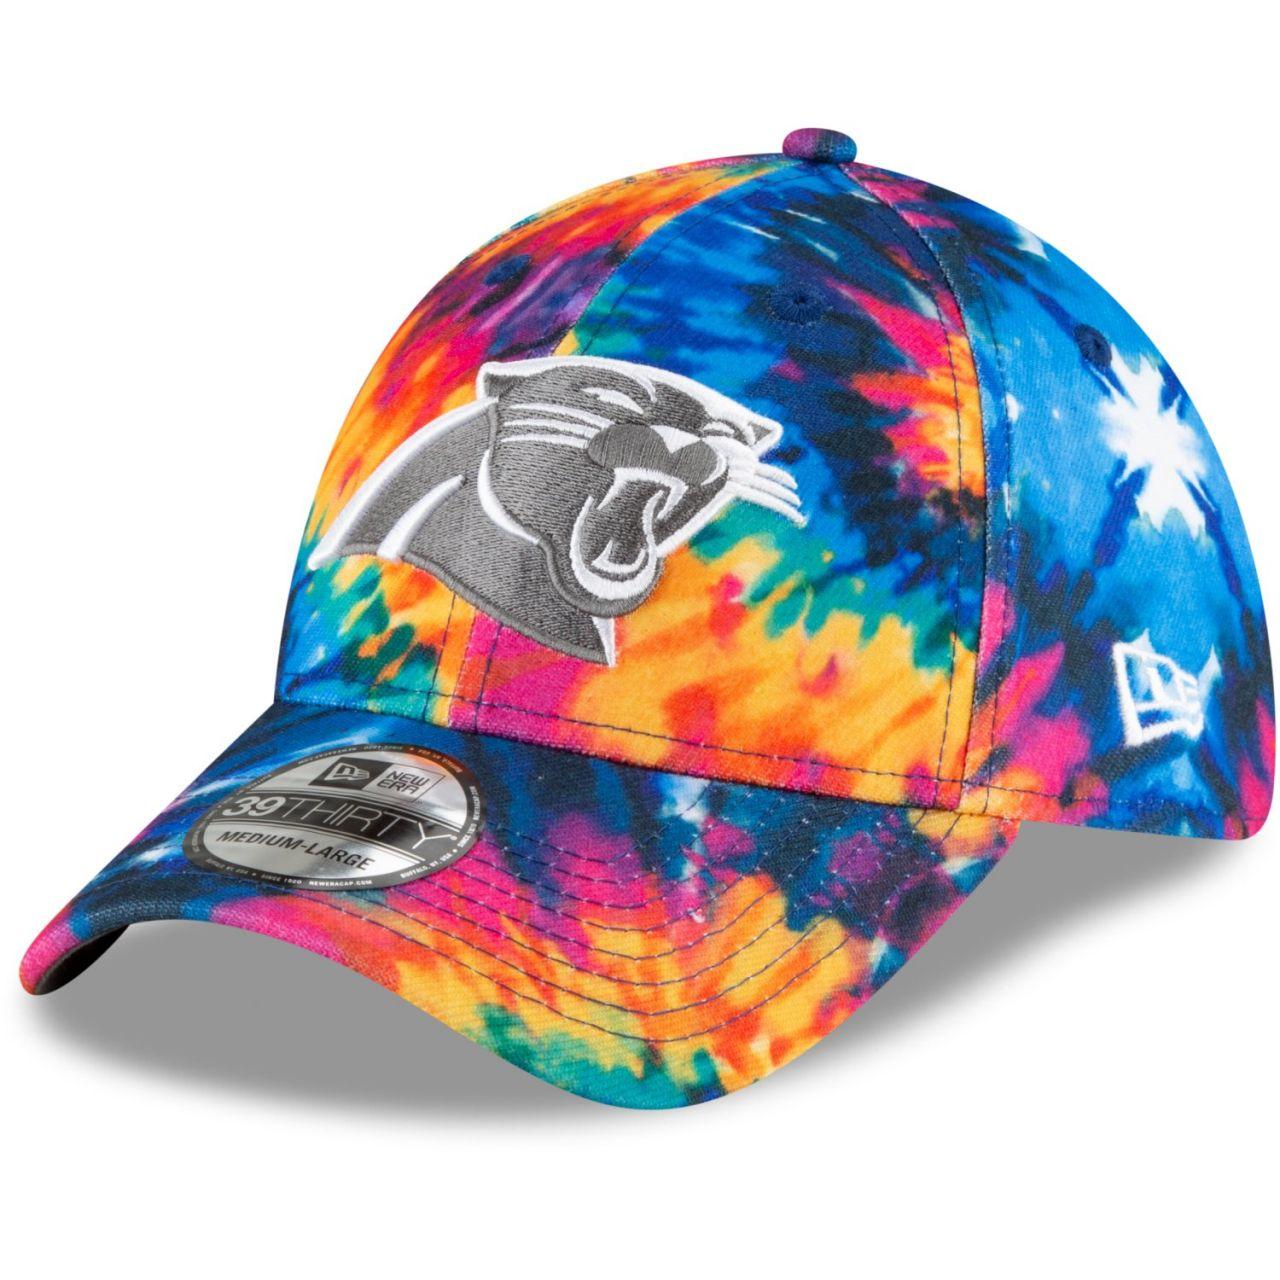 amfoo - New Era 39Thirty Cap - CRUCIAL CATCH Carolina Panthers